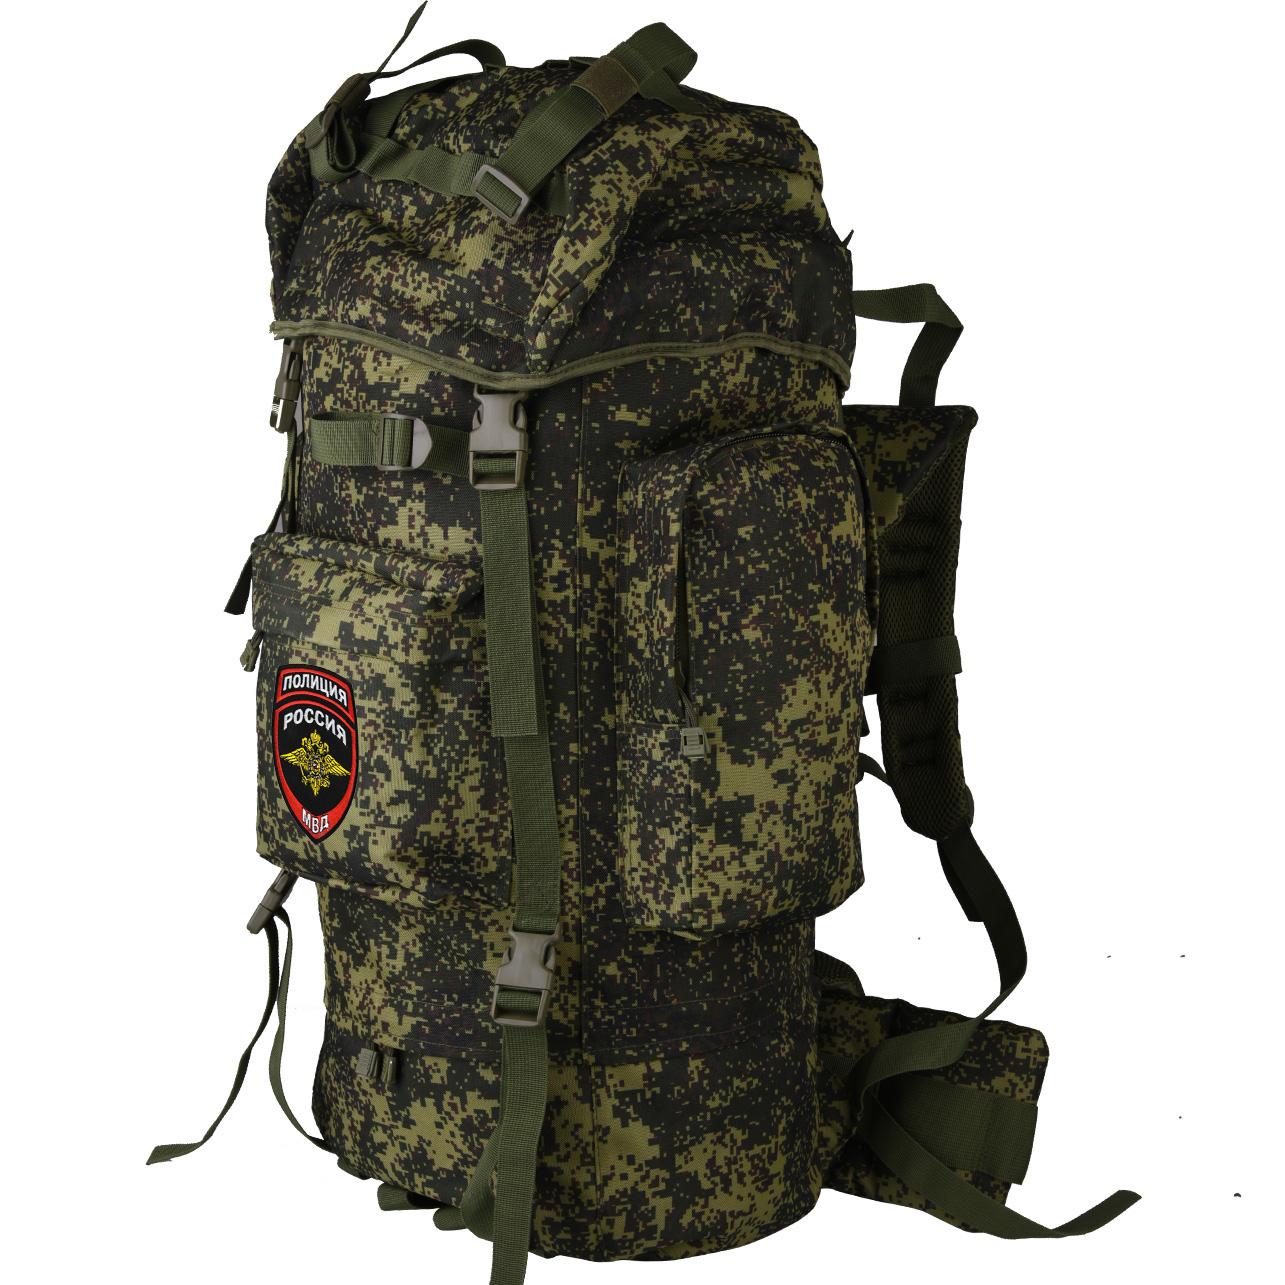 Армейский вместительный рюкзак с нашивкой Полиция России - заказать онлайн